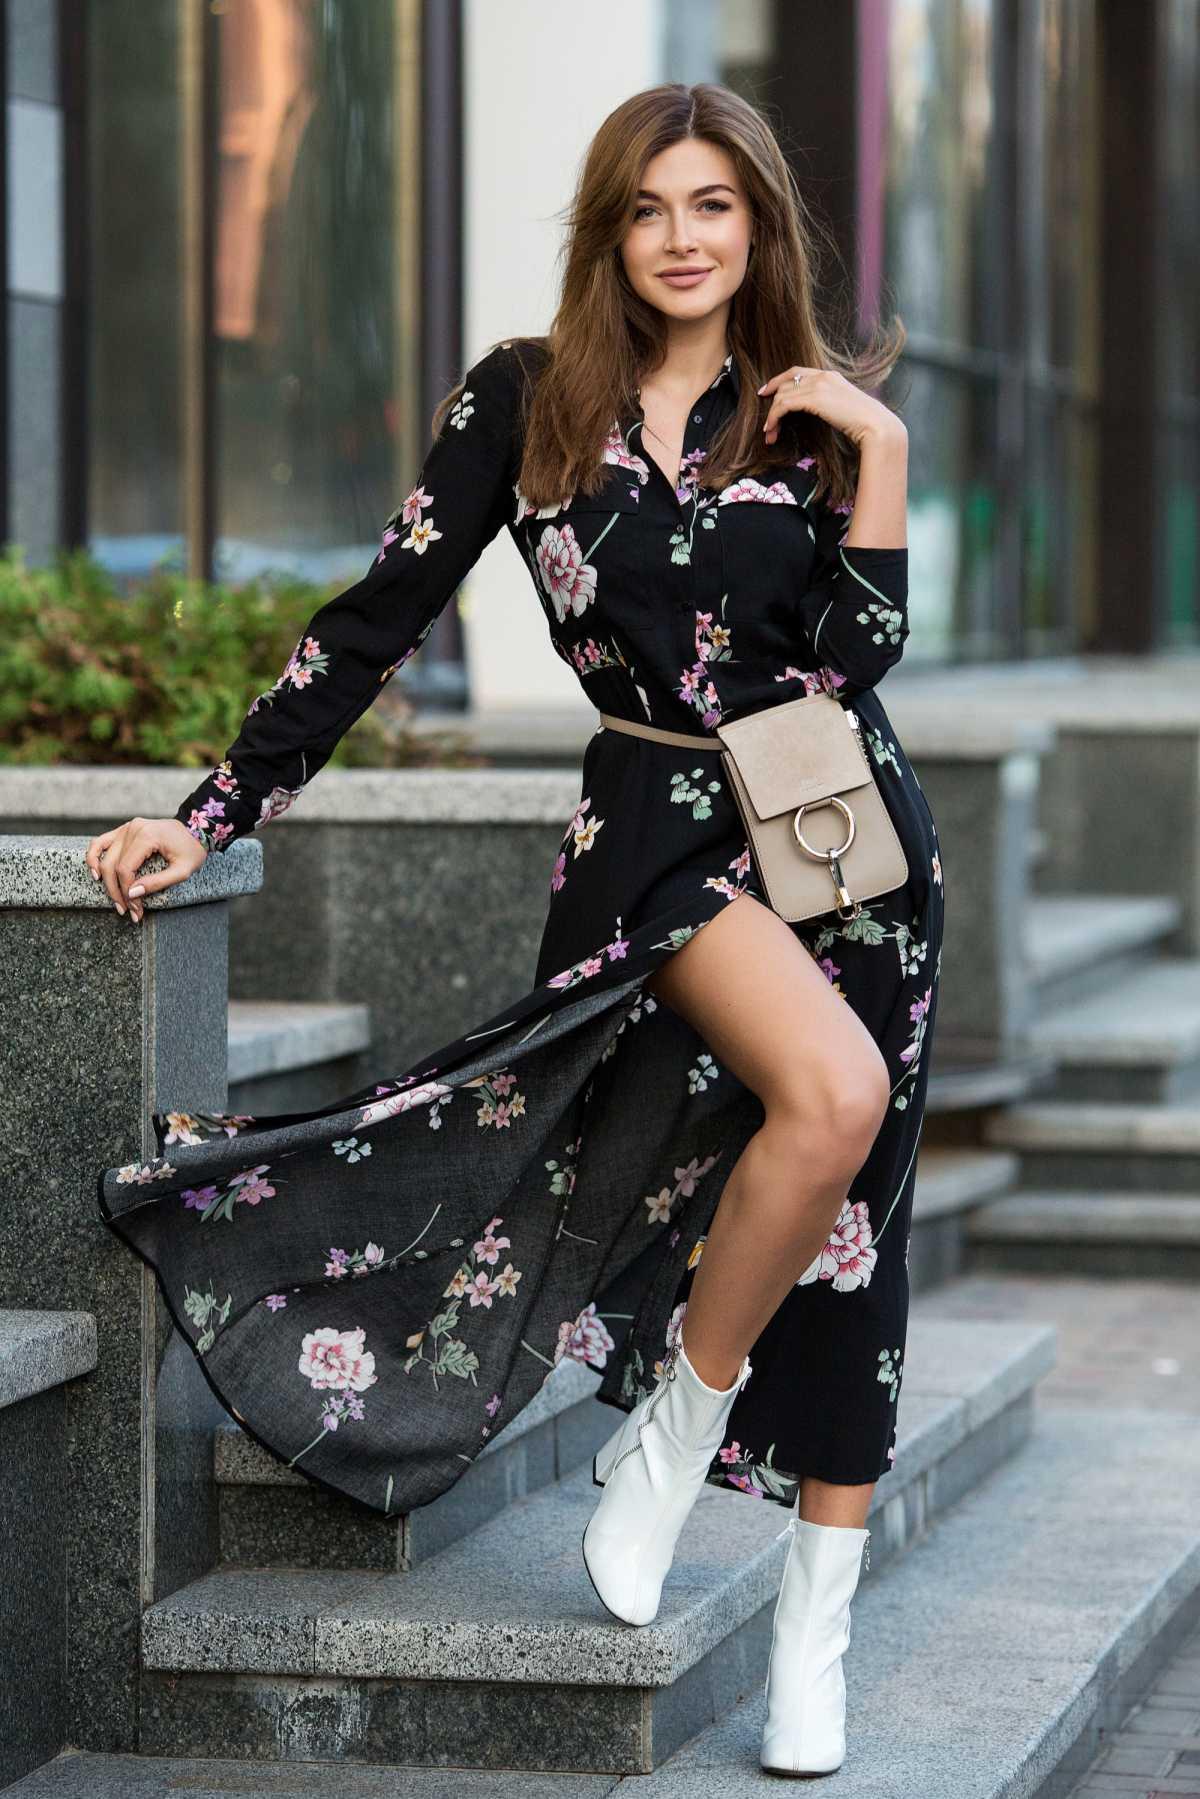 vestido preto com flores e bota branca